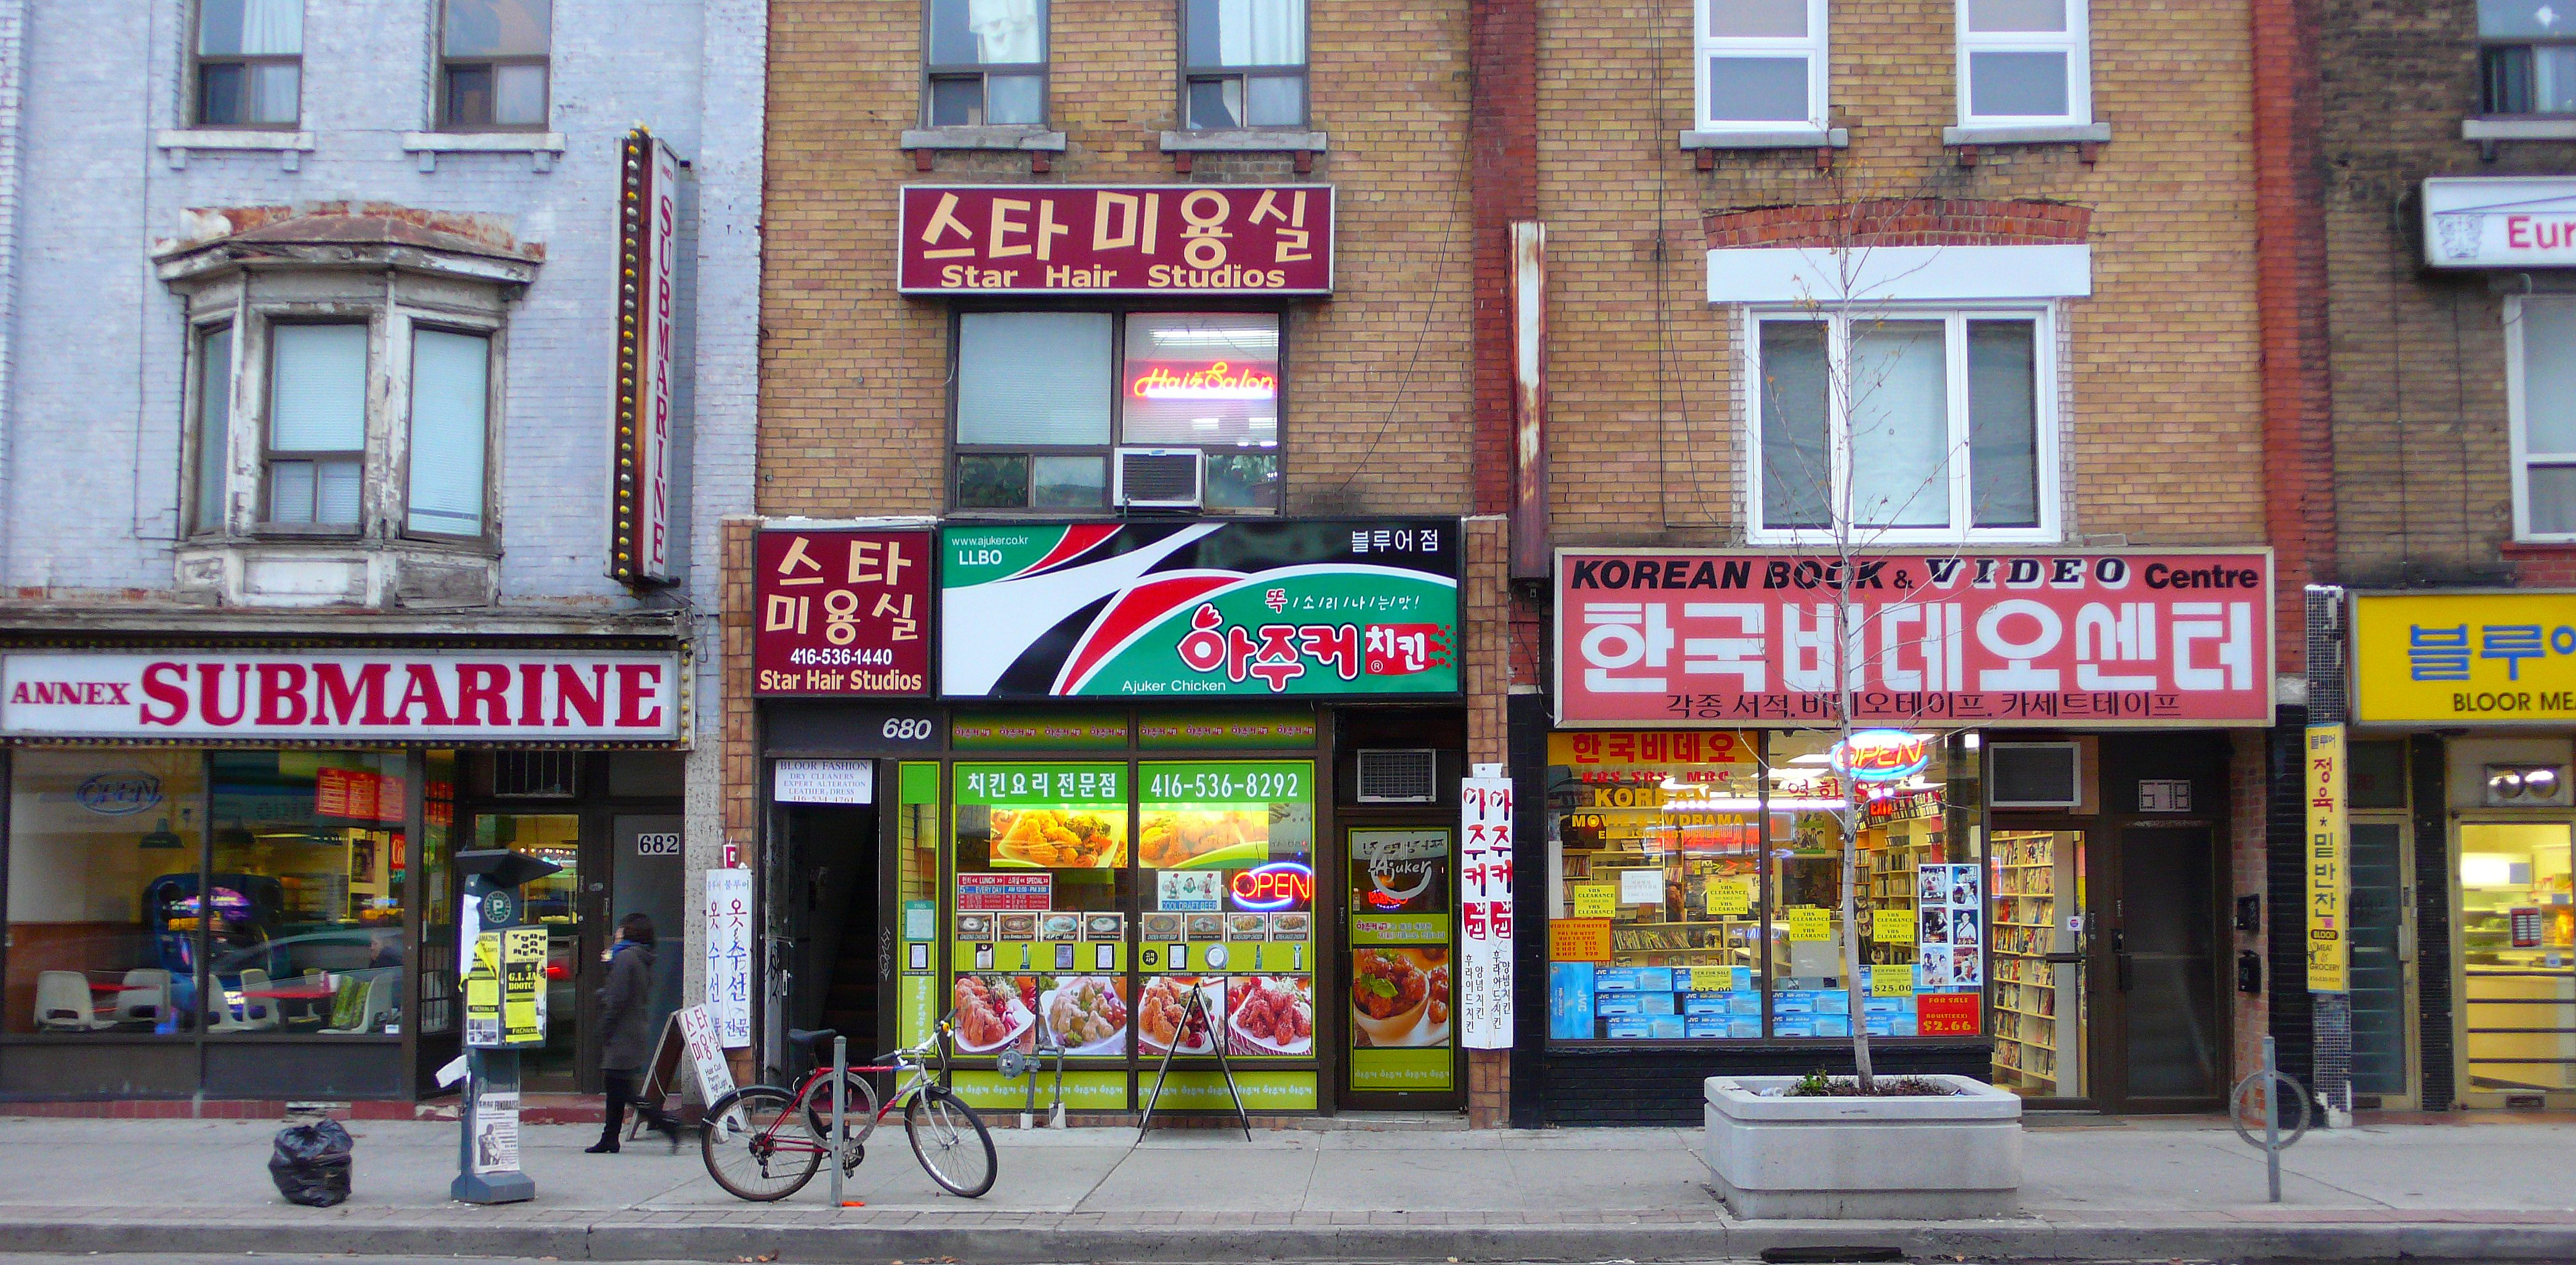 Koreatown, Bloor Street in Toronto. 2009.